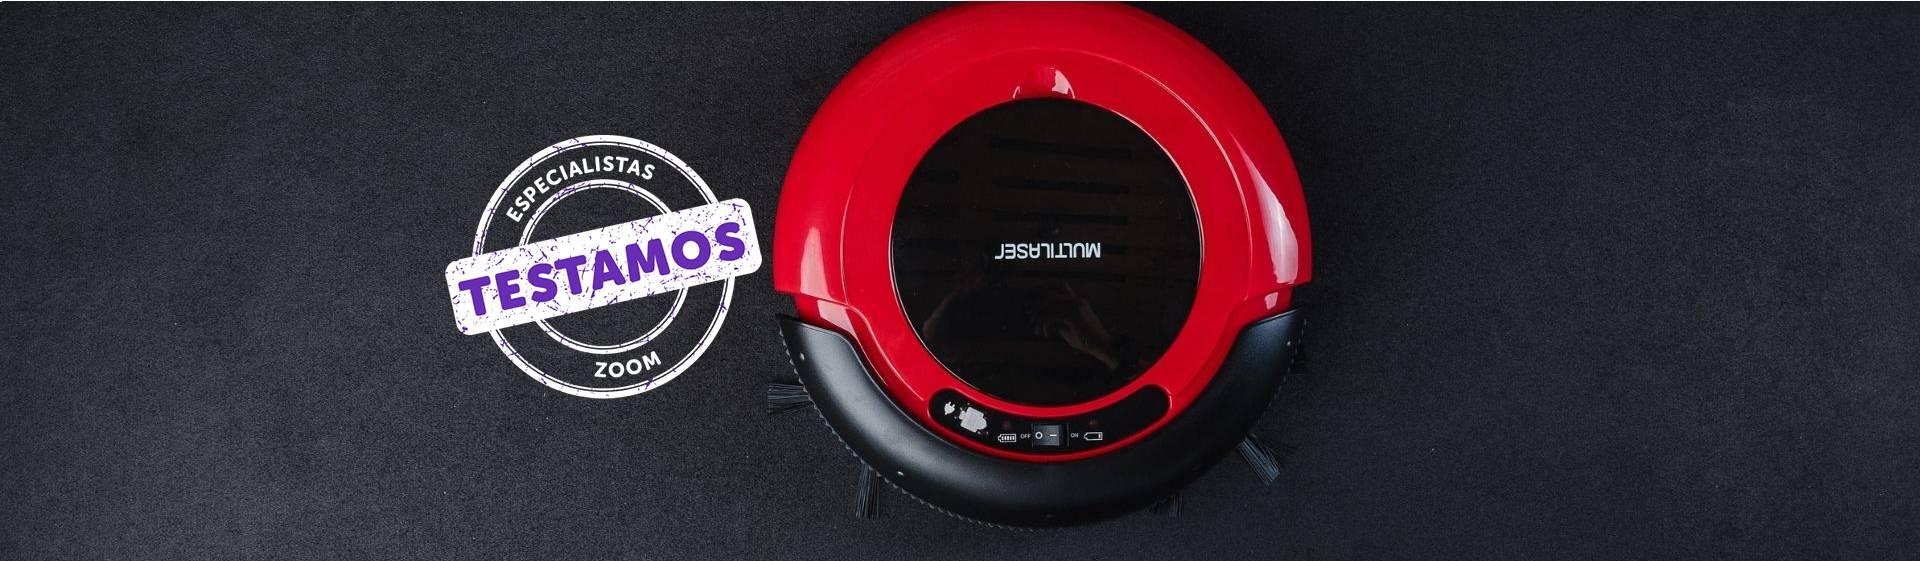 Aspirador robô Multilaser HO041: boa bateria, mas reservatório pequeno